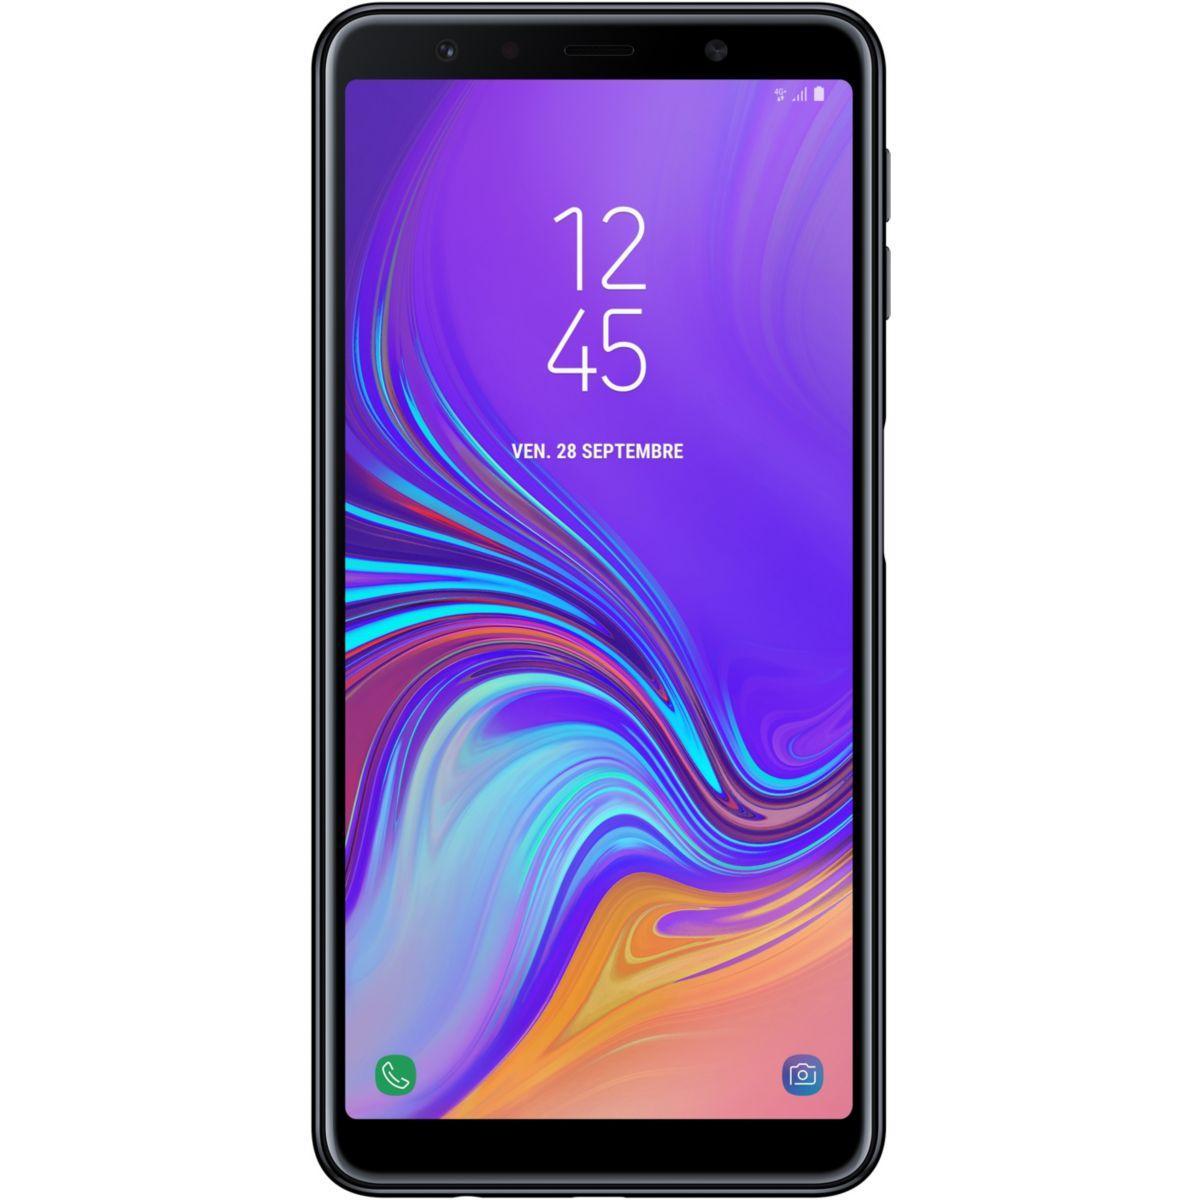 Smartphone samsung galaxy a7 noir - livraison offerte : code liv